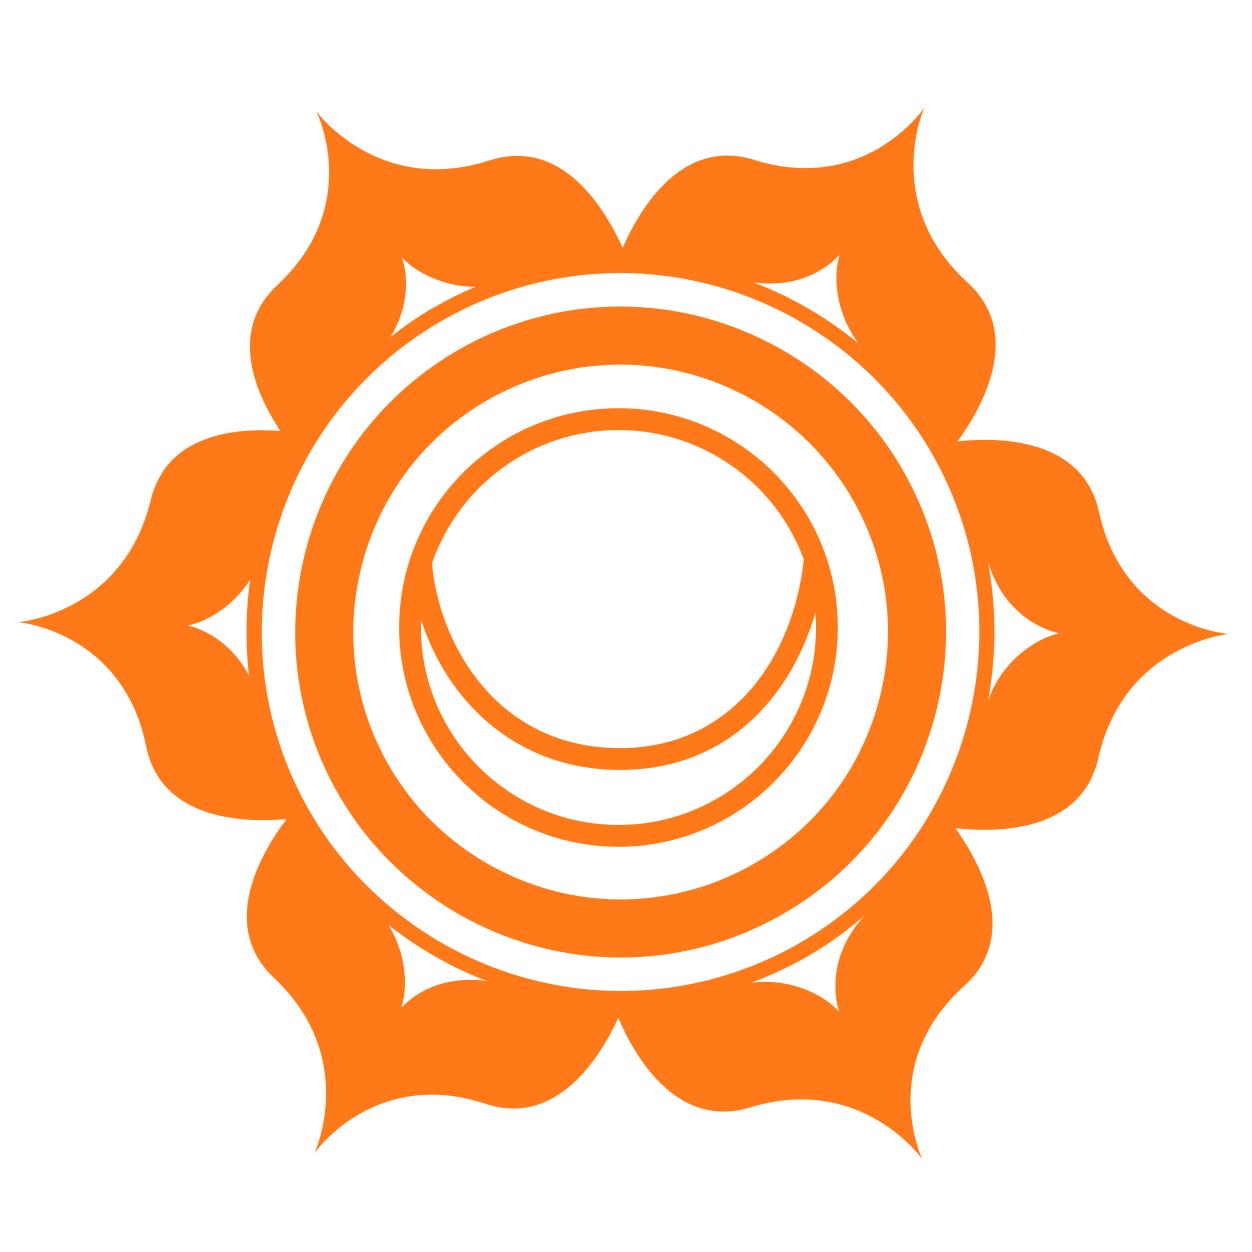 sacral chakra symbol -  chakra art